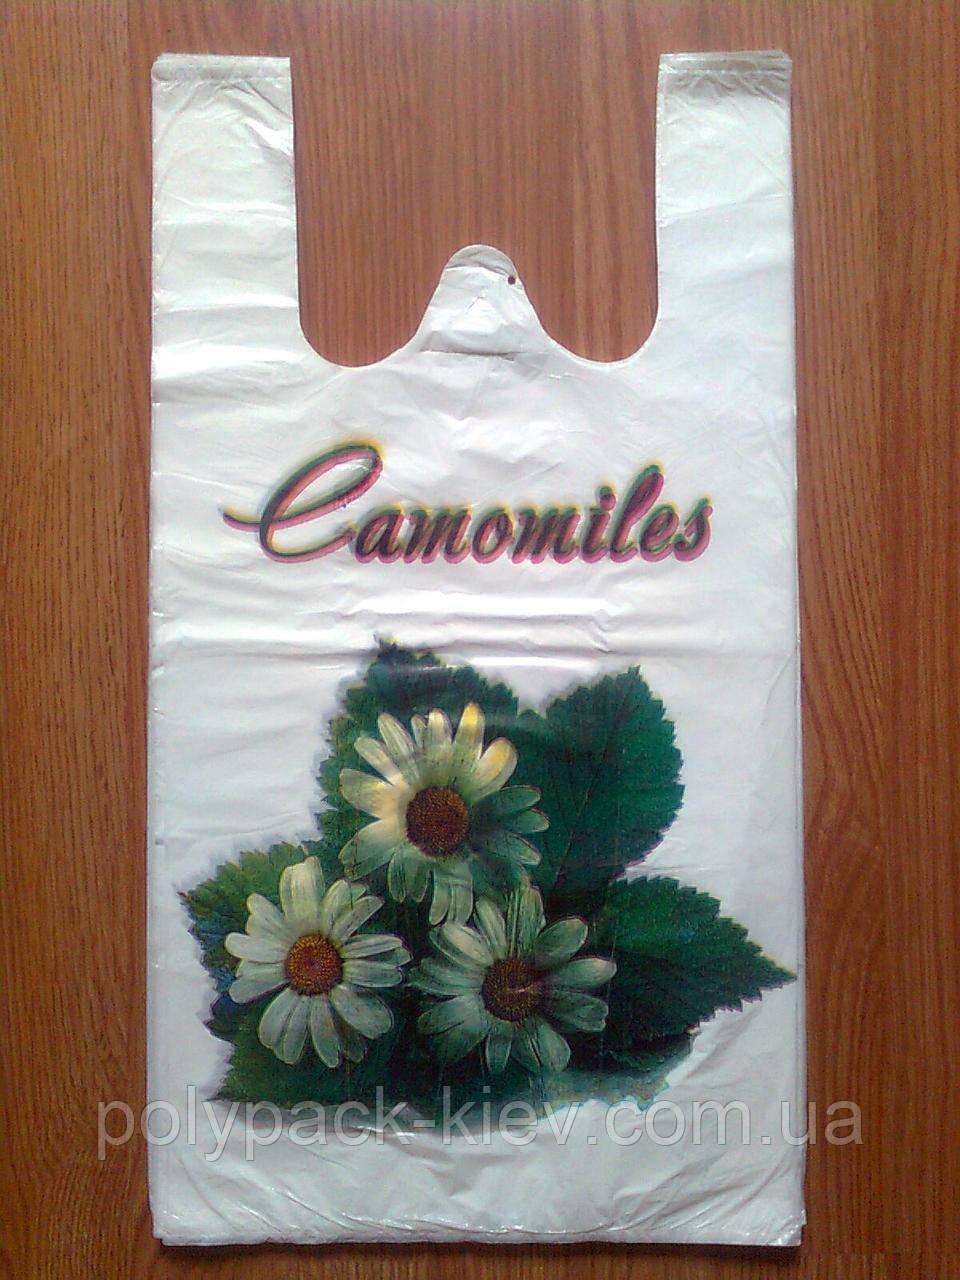 """Білі пакети-майка """"Ромашки"""" 27*50 см/18 мкм, пакувальний білий поліетиленовий пакет майка біла з малюнком"""